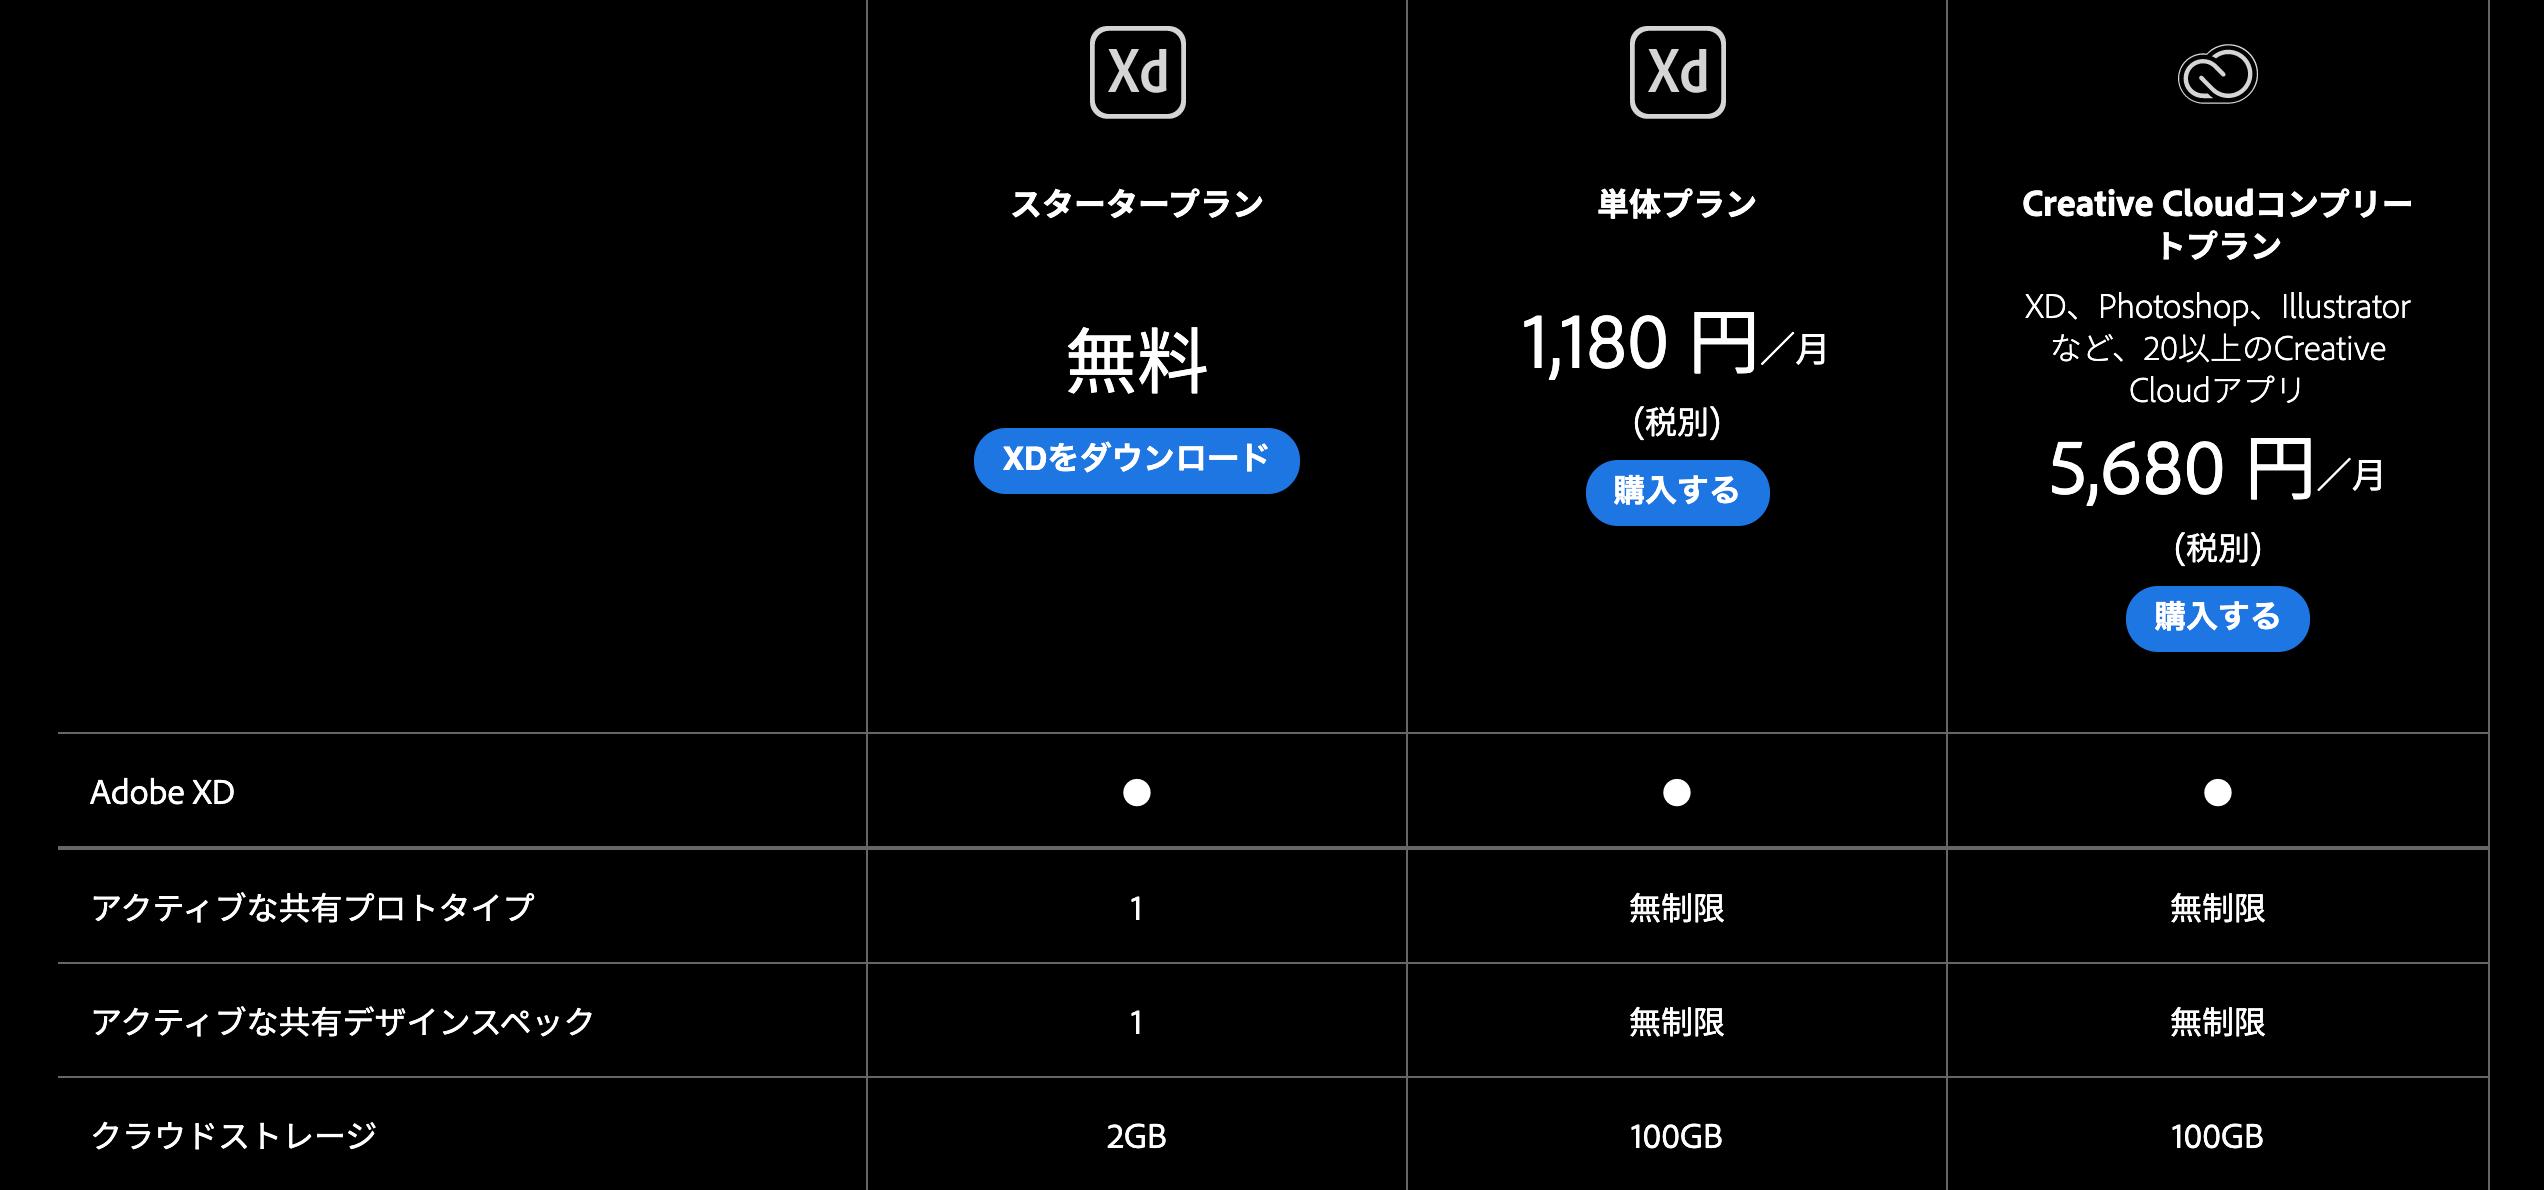 Screenshot 2020 07 04 at 12.09.12